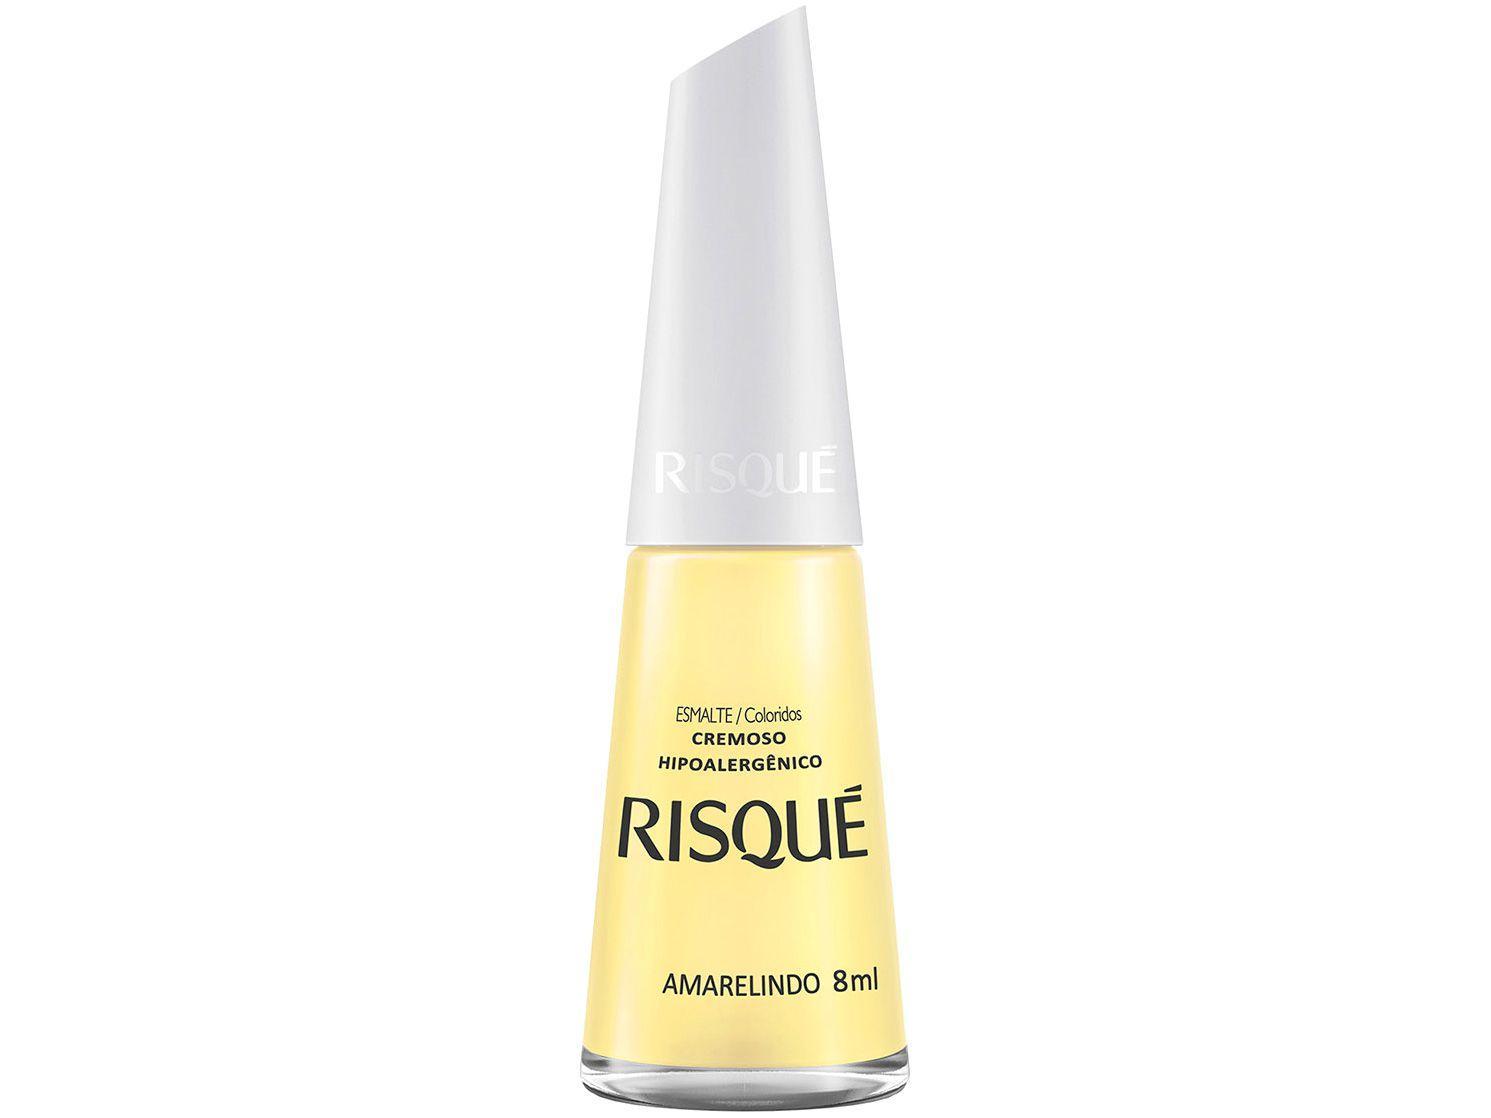 Esmalte Risqué Coloridos Amarelindo Cremoso - Hipoalergênico 8ml